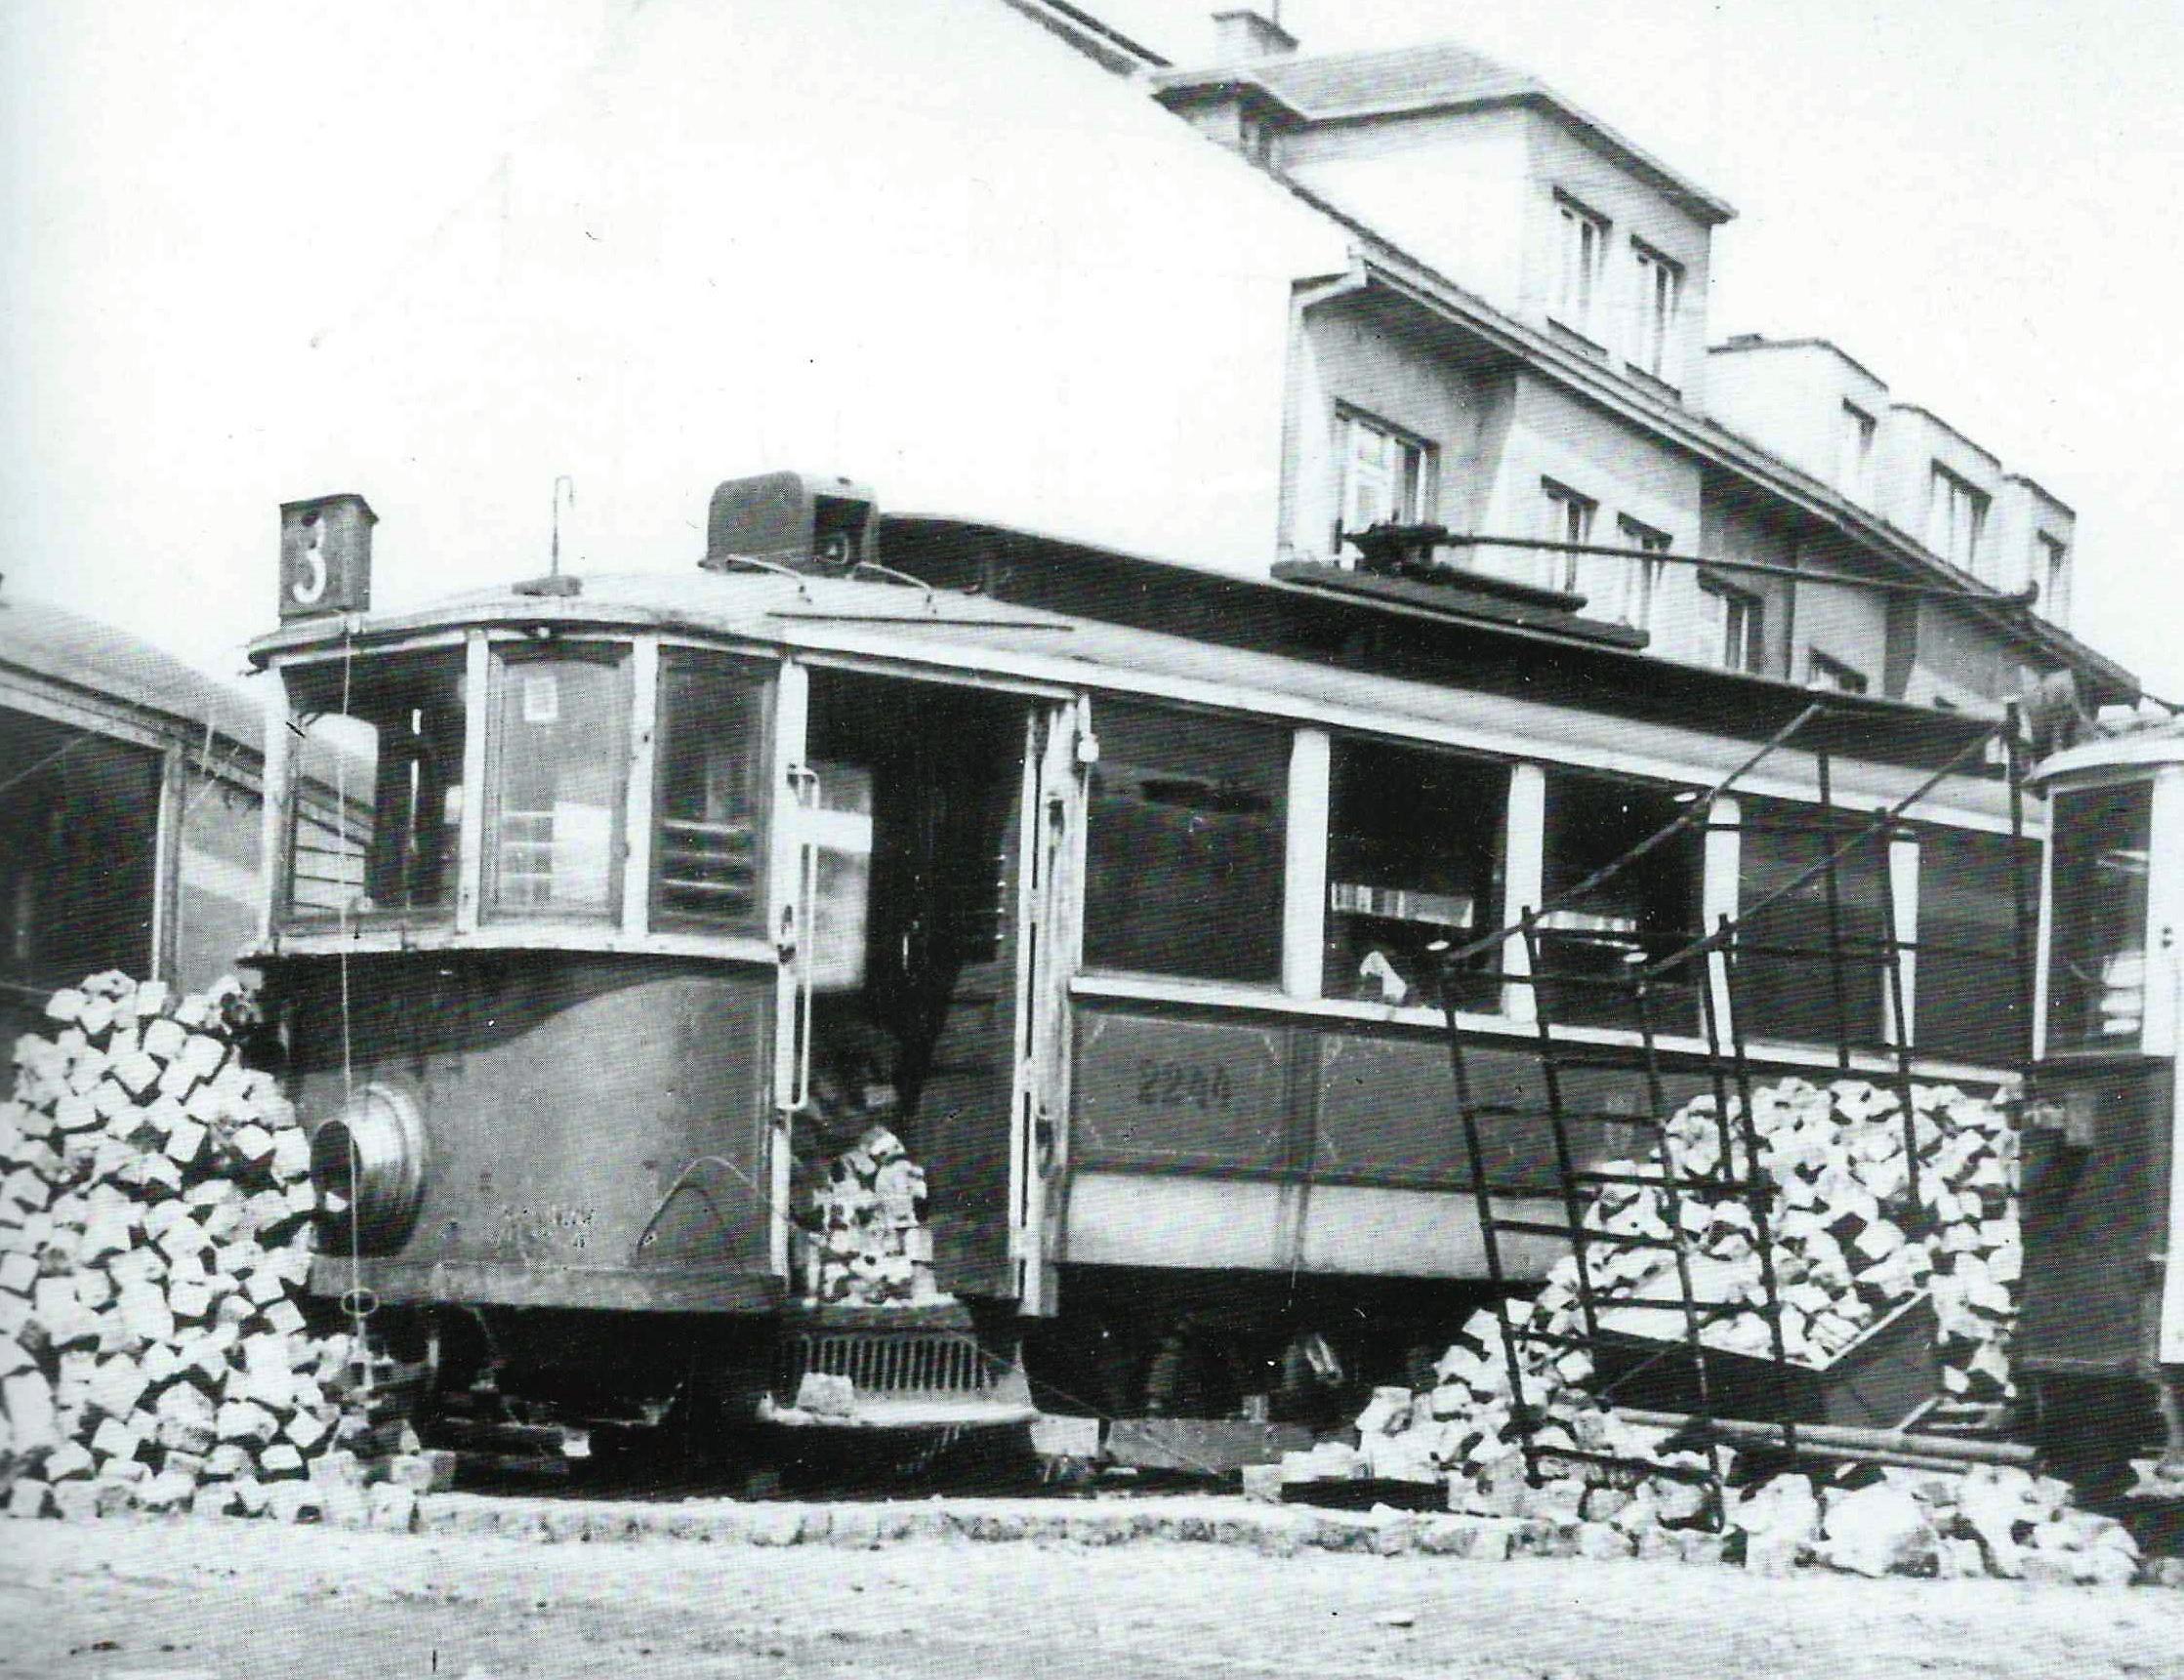 Řada tramvají elektrických podniků posloužila pro stavbu improvizovaných barikád, na nichž vozy neušly poškození.